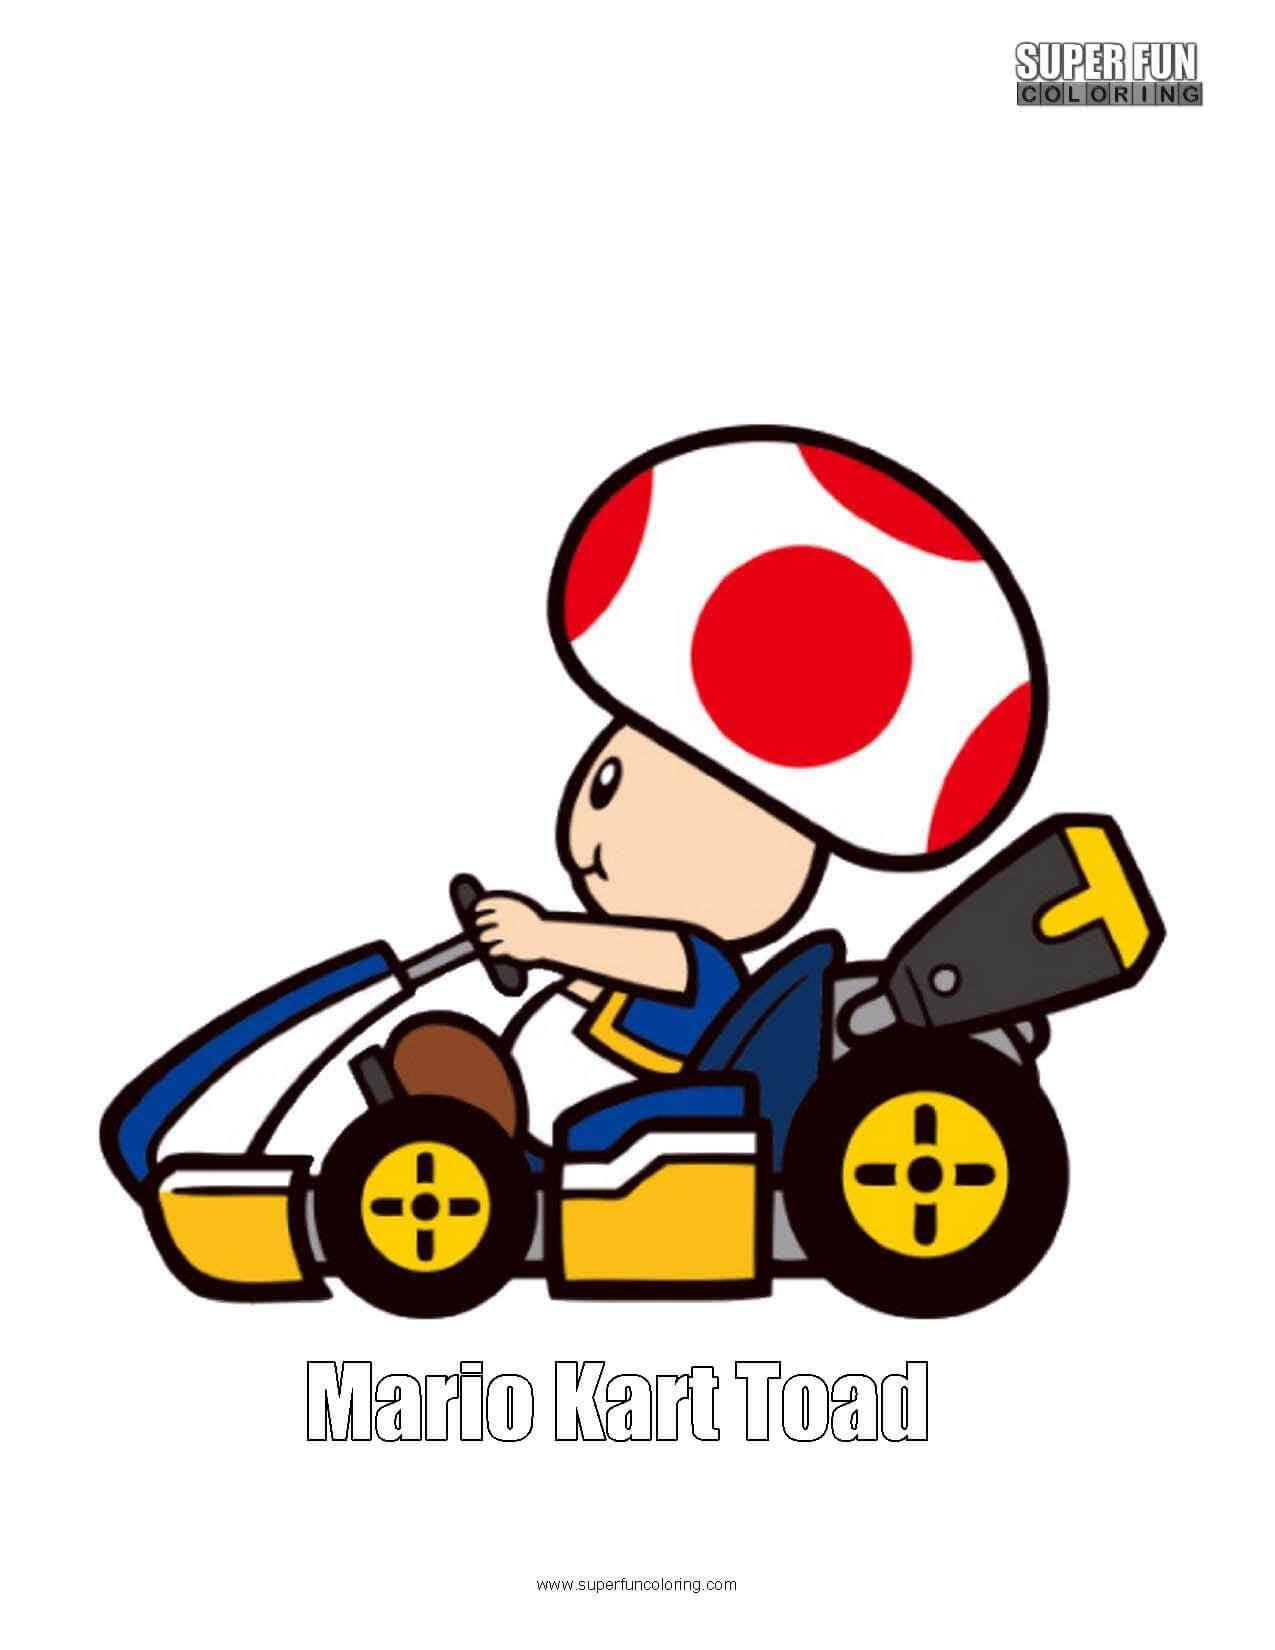 Mario Kart Toad  Coloring Sheet